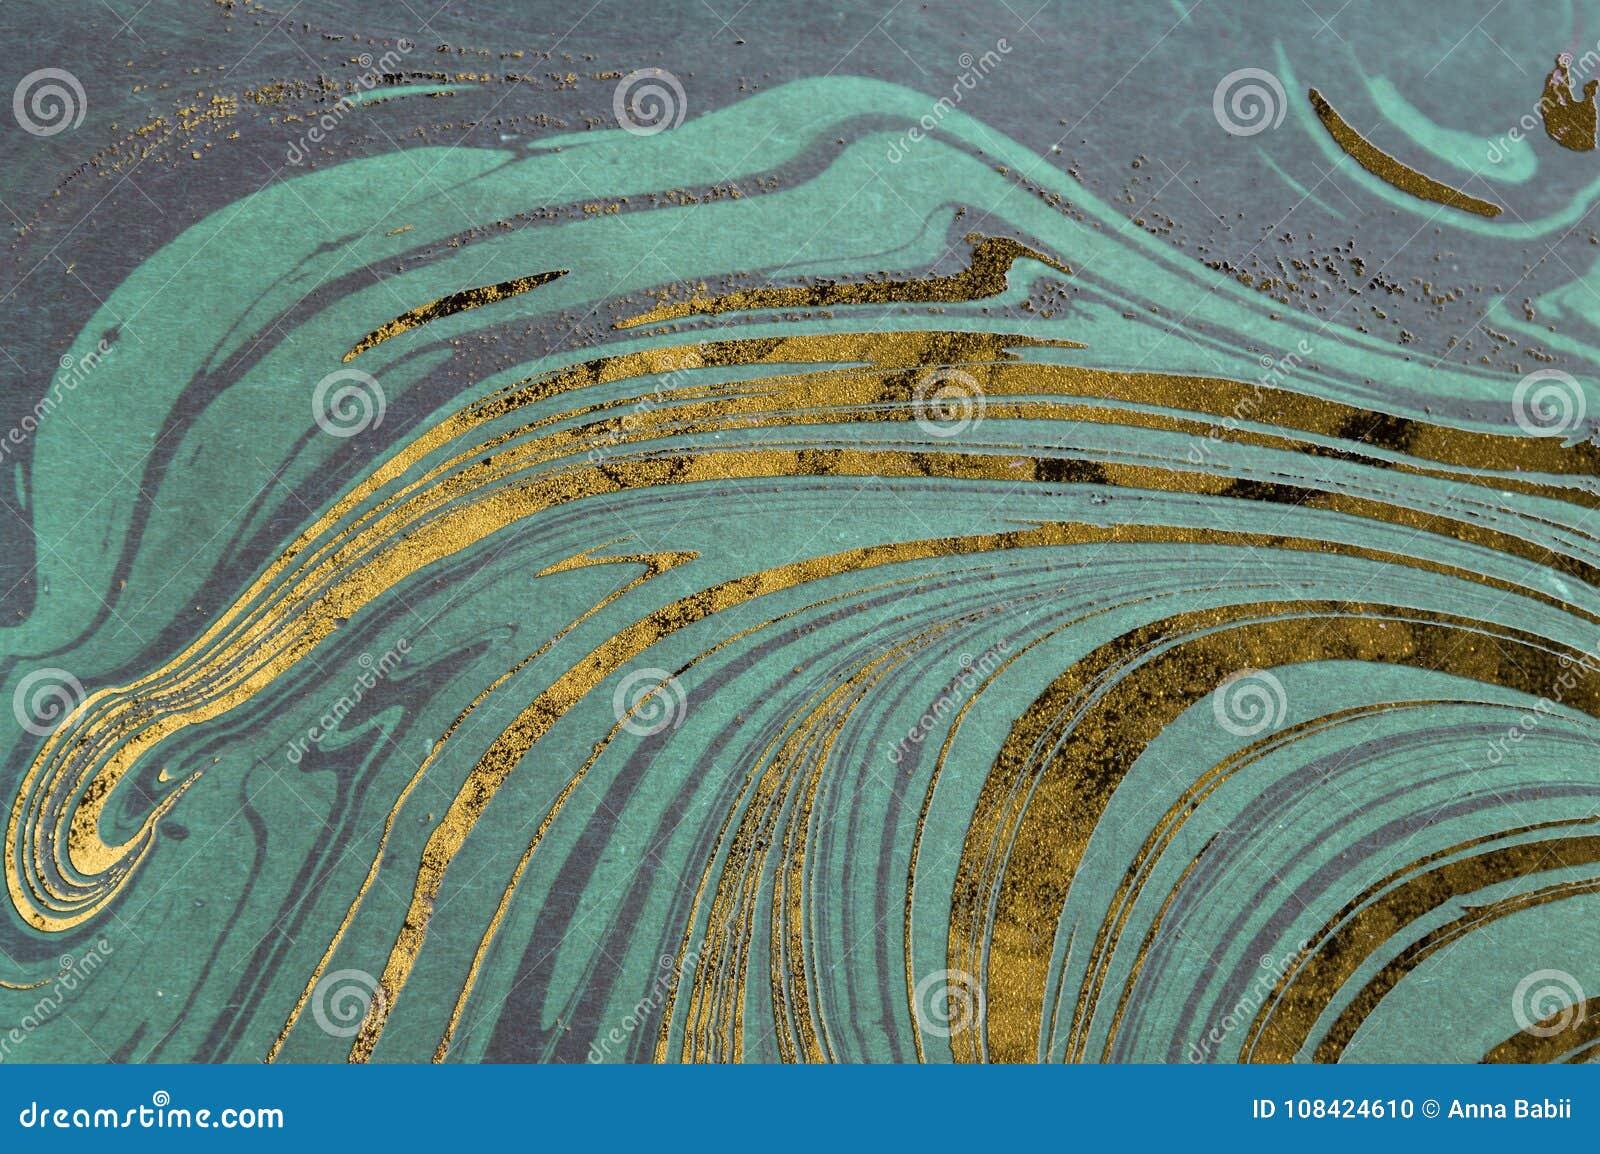 Μαρμάρινη σύσταση μελανιού Χειροποίητο υπόβαθρο κυμάτων Ebru Επιφάνεια εγγράφου της Kraft Μοναδική απεικόνιση τέχνης Υγρή marblin